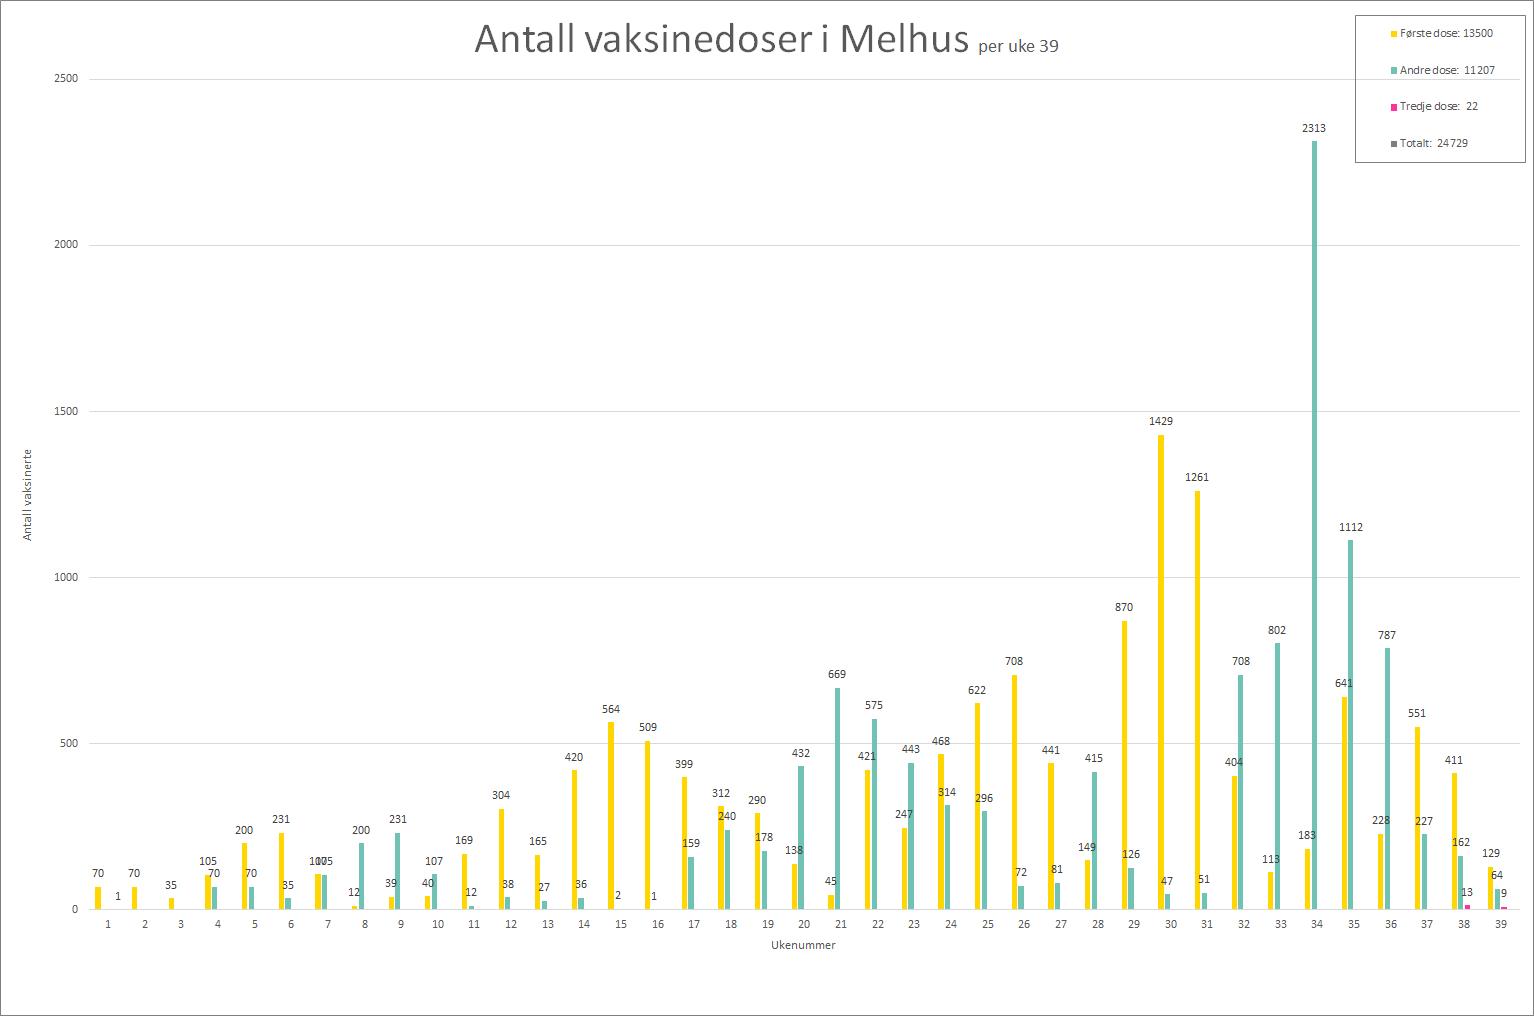 Graf som viser antall satte vaksinedoser i Melhus per uke 39, 2021